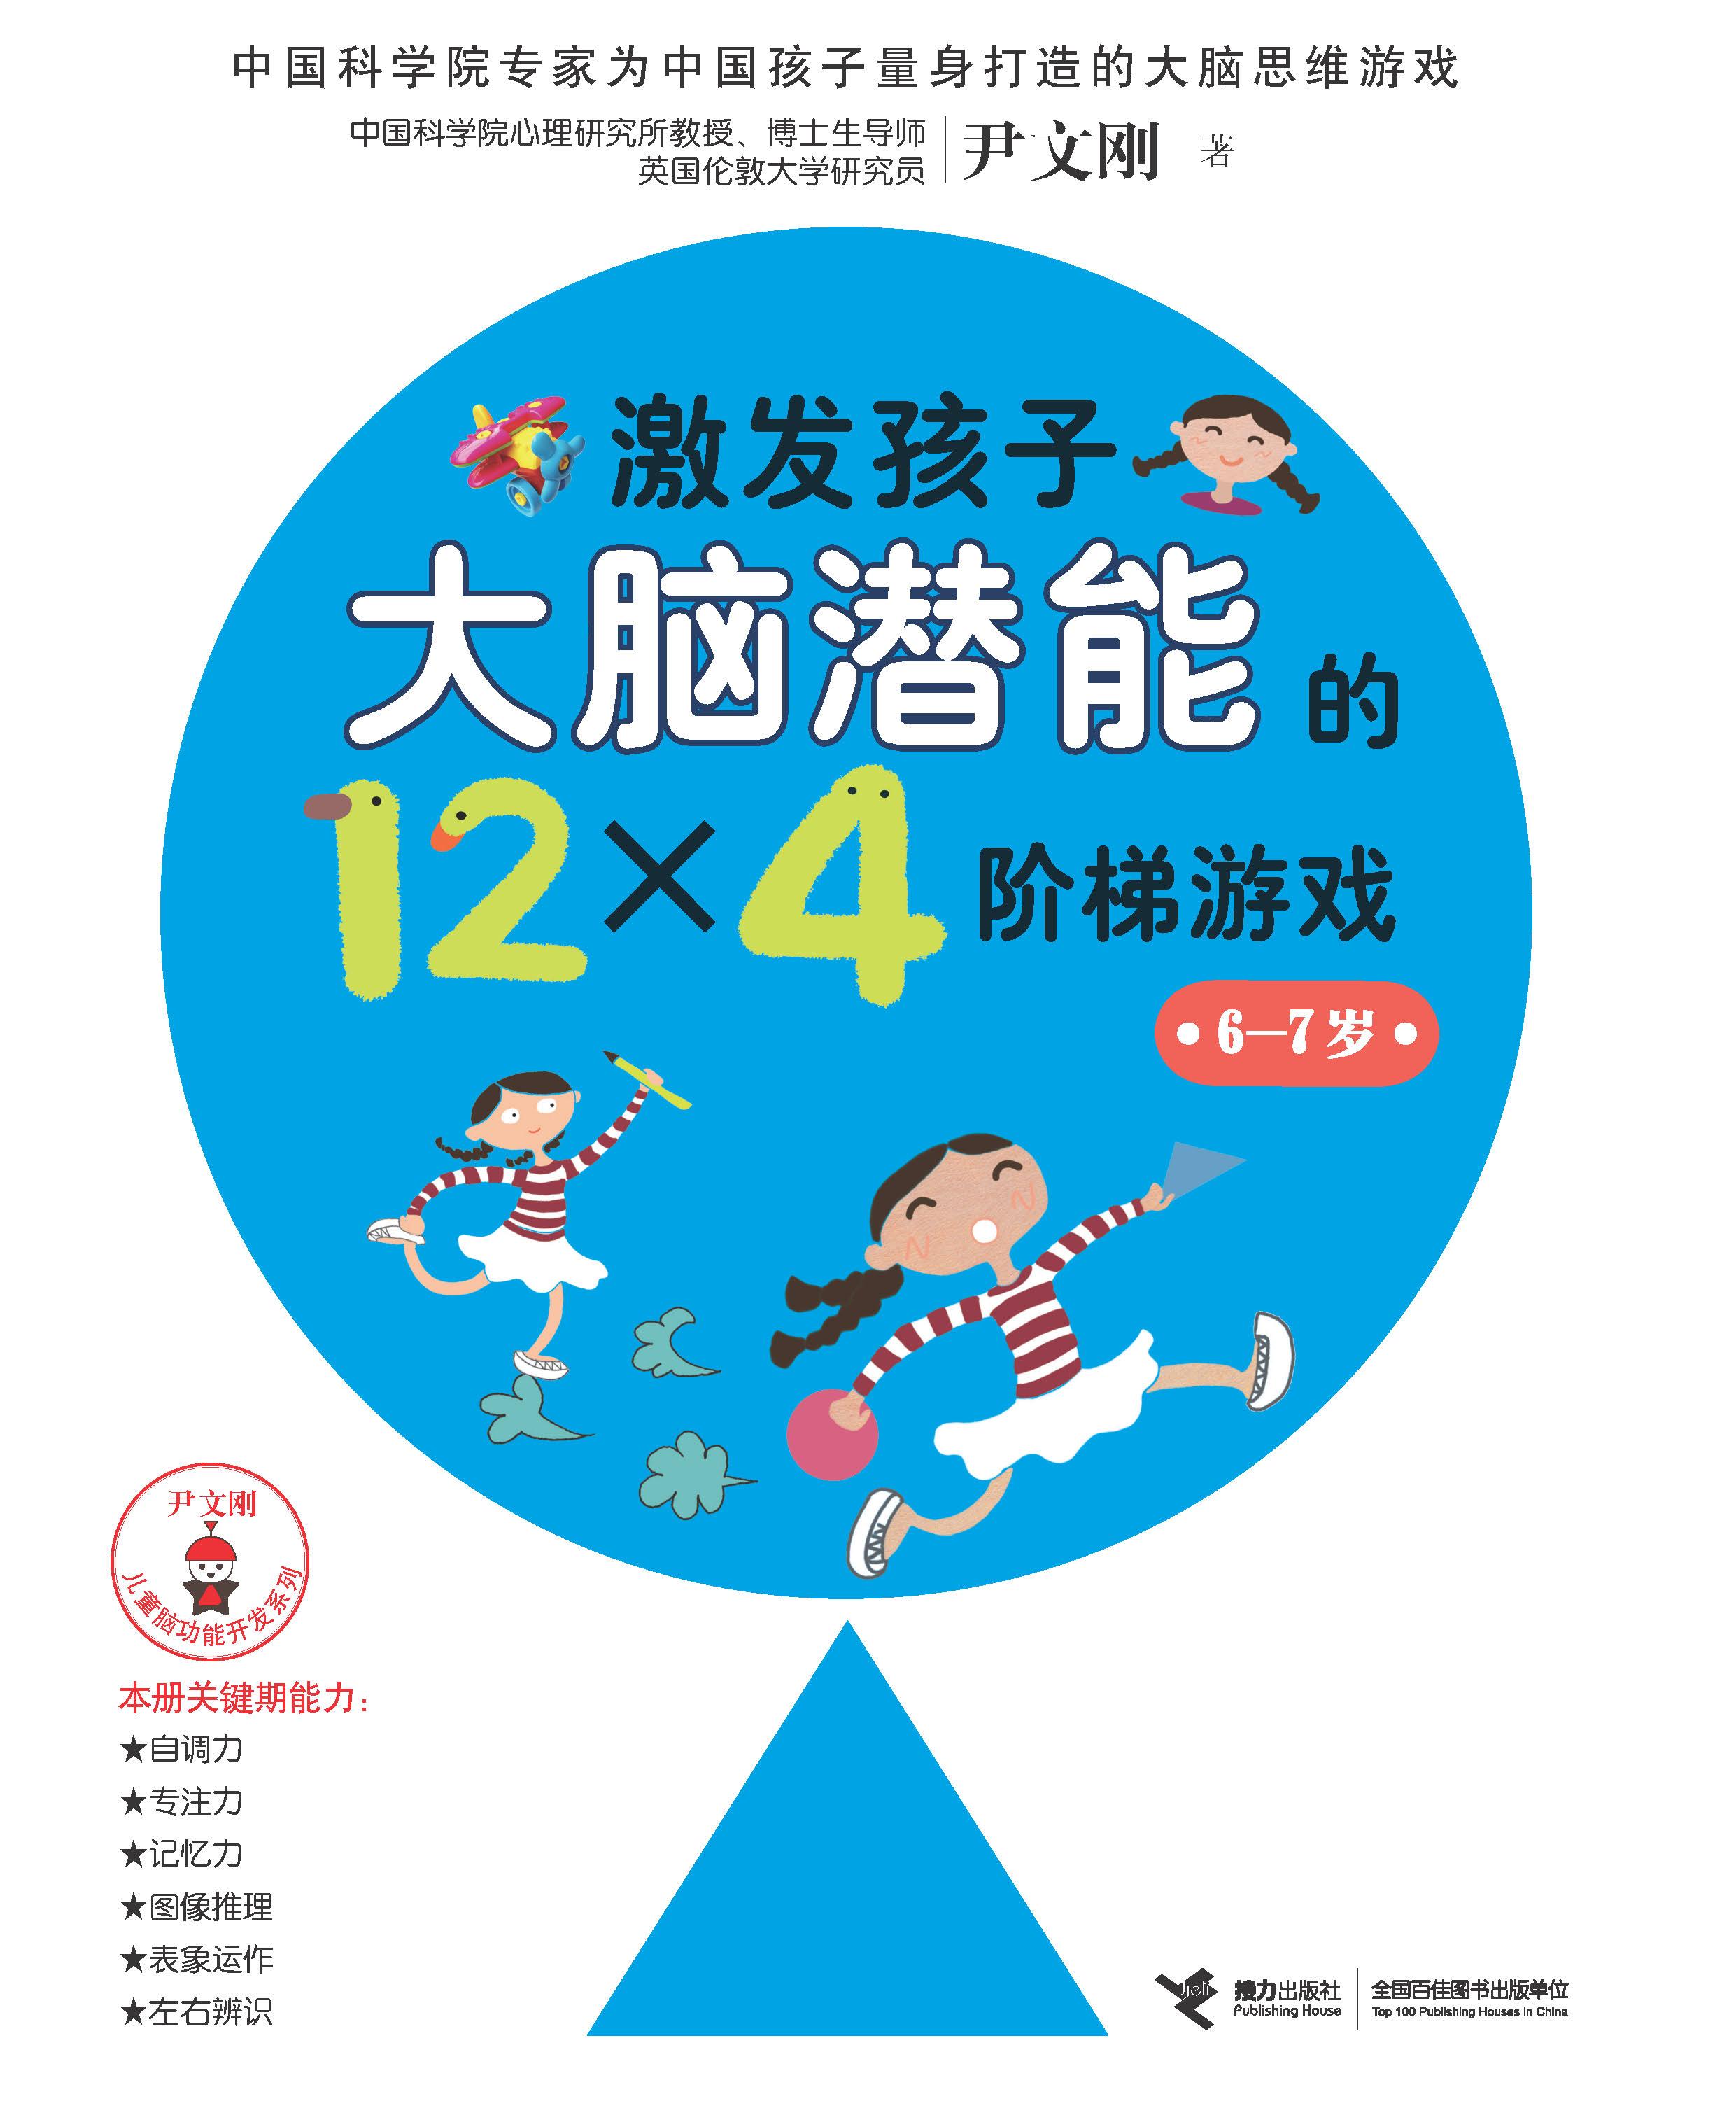 激发孩子大脑潜能的12×4阶梯游戏.6~7岁